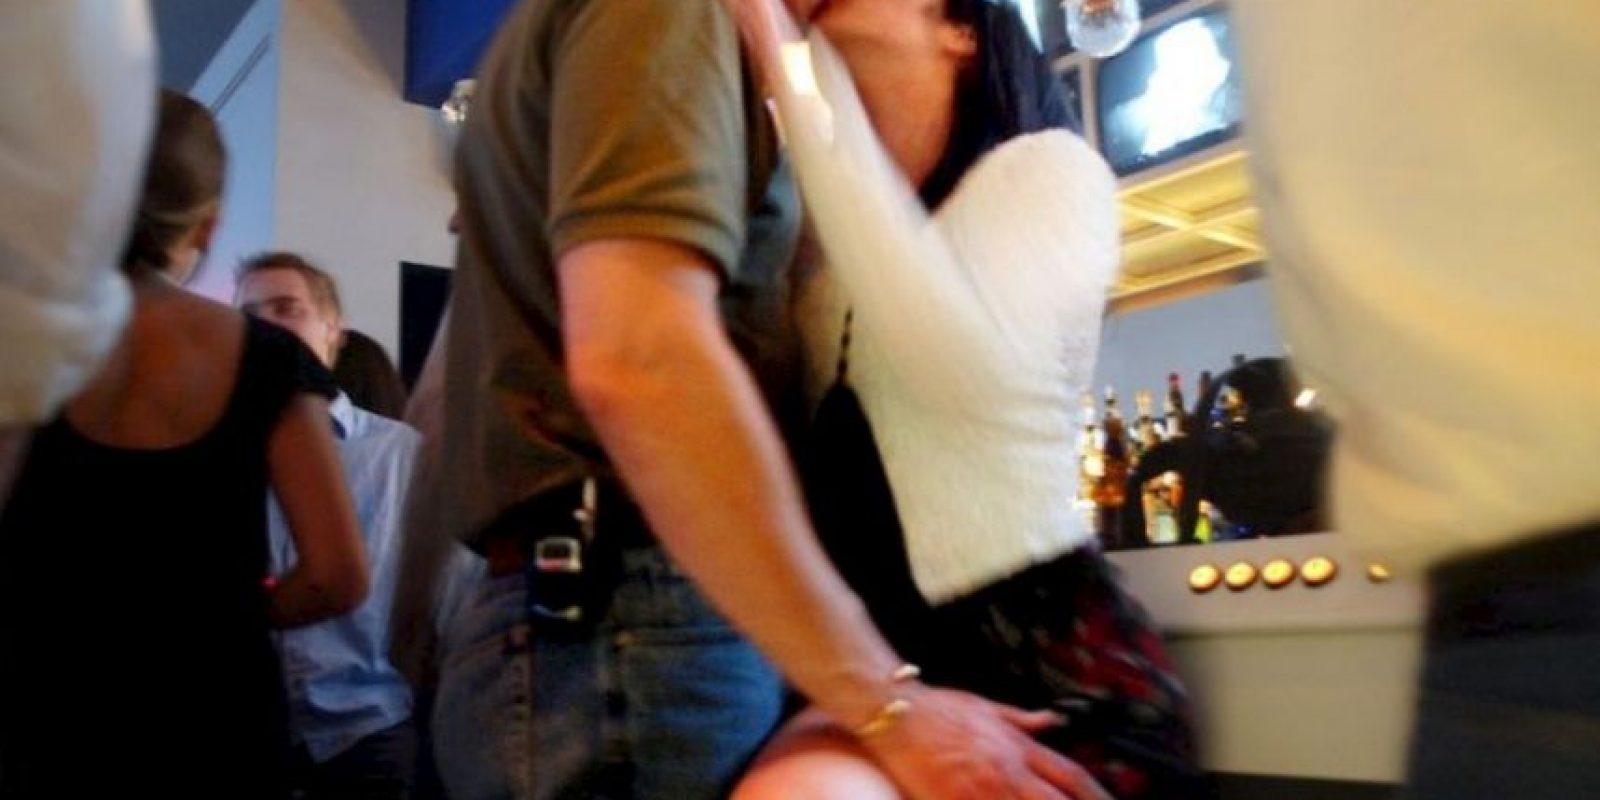 Si hacen sexting, cuidado con enviar su cara. Esto se puede prestar para revenge porn. Foto:Getty Images